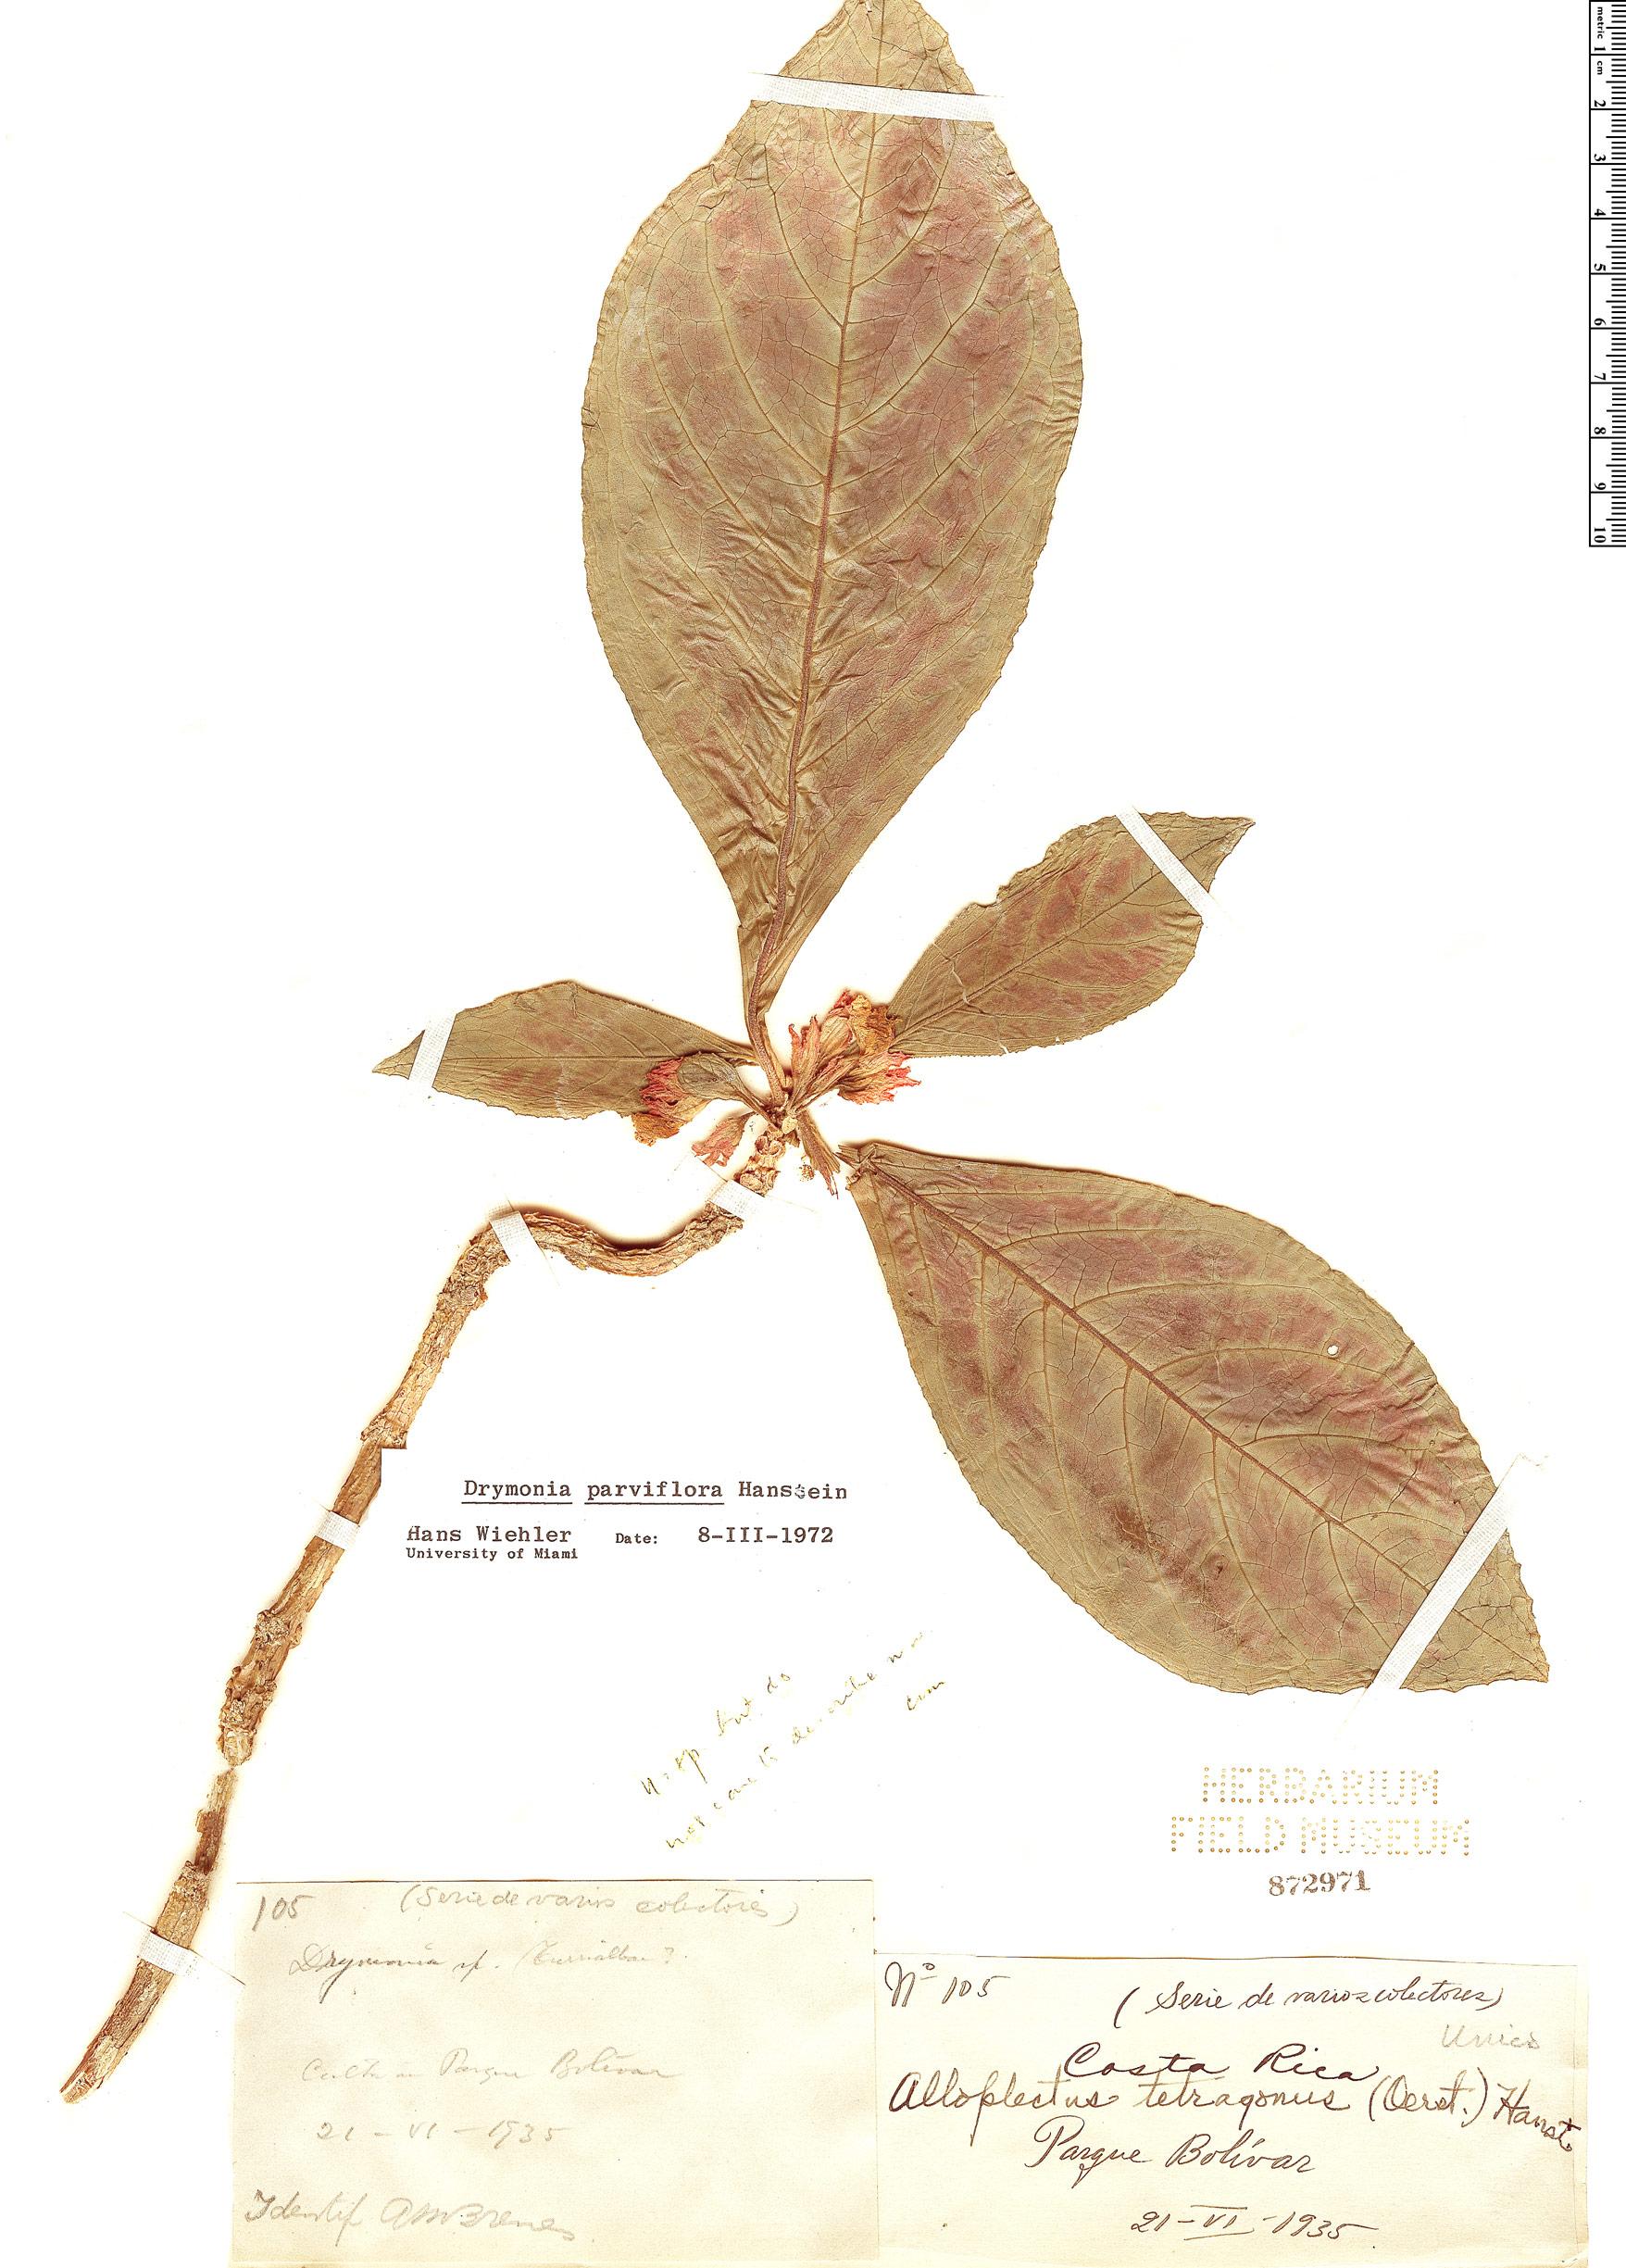 Specimen: Drymonia parviflora